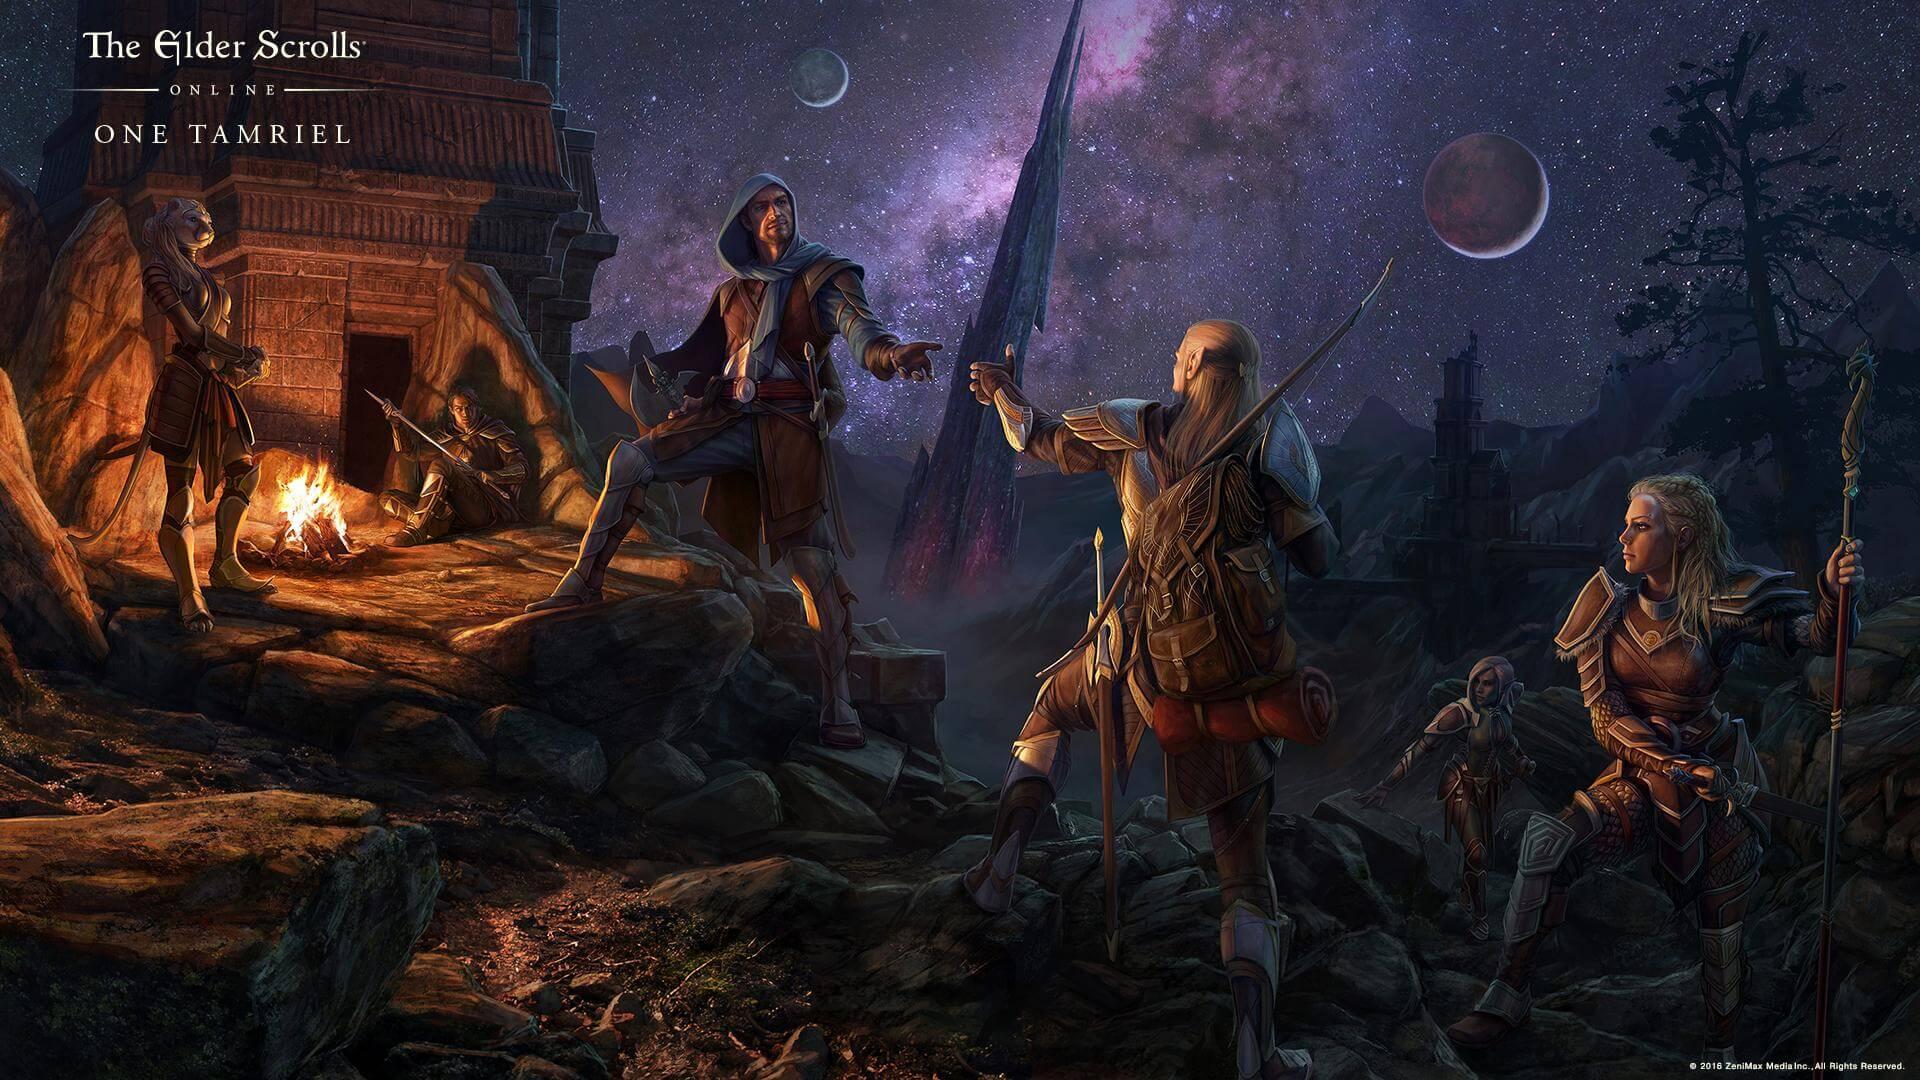 Elder Scrolls Online: немного истории, обзор дополнений One Tamriel, Update 12 и Gold Edition